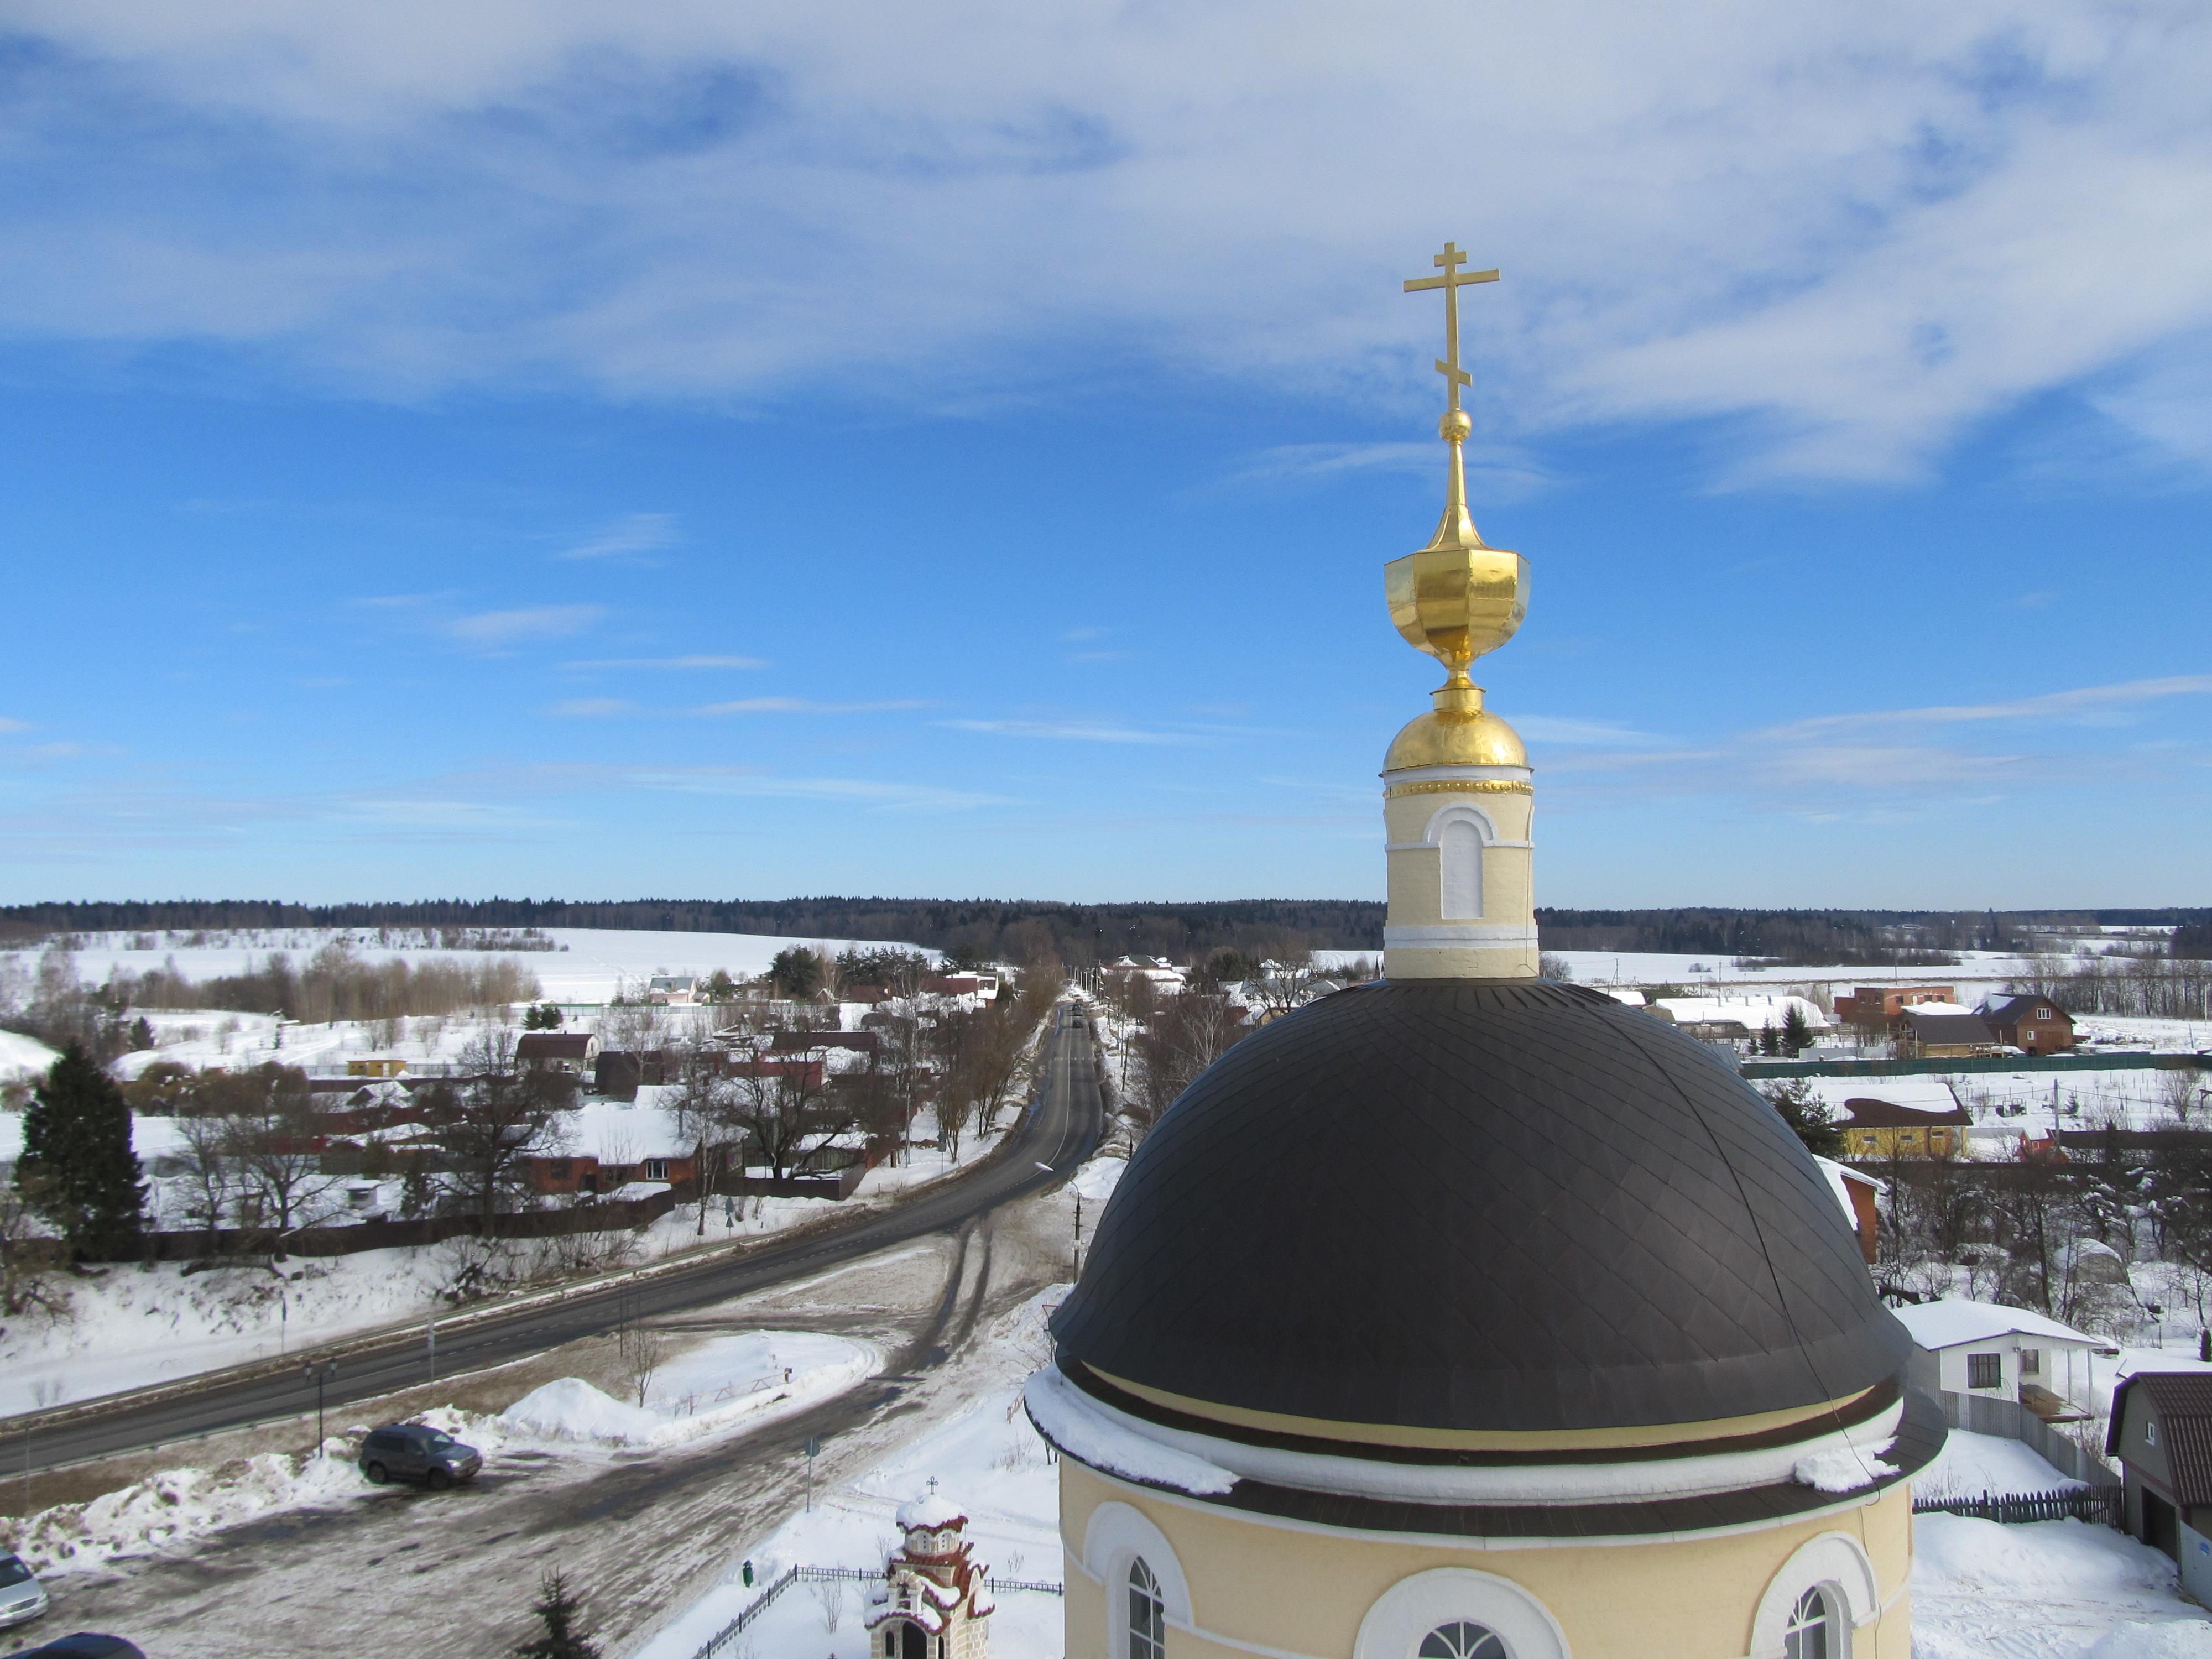 Село Радонеж. Вид с колокольни Храма Преображения Господня